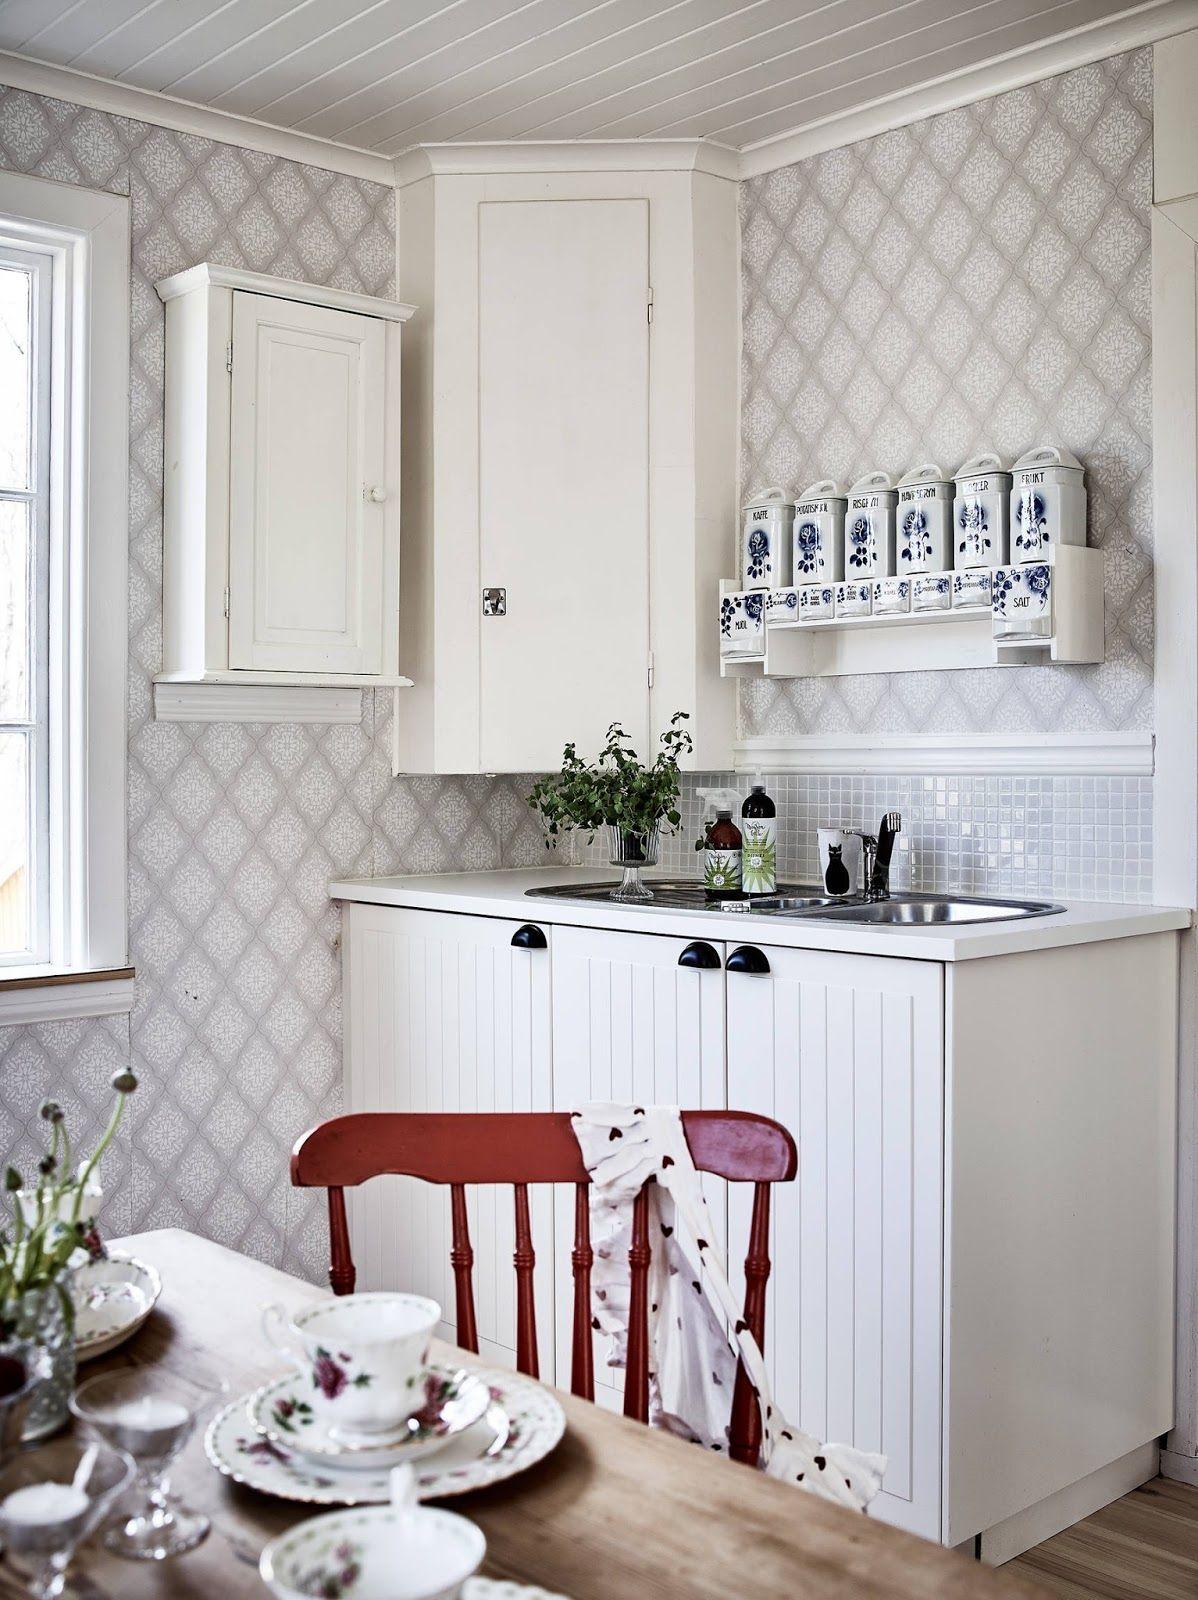 jak wybrać tapetą do kuchni? tapeta zmywalna, tapeta w   -> Kuchnia Tapeta Zamiast Plytek